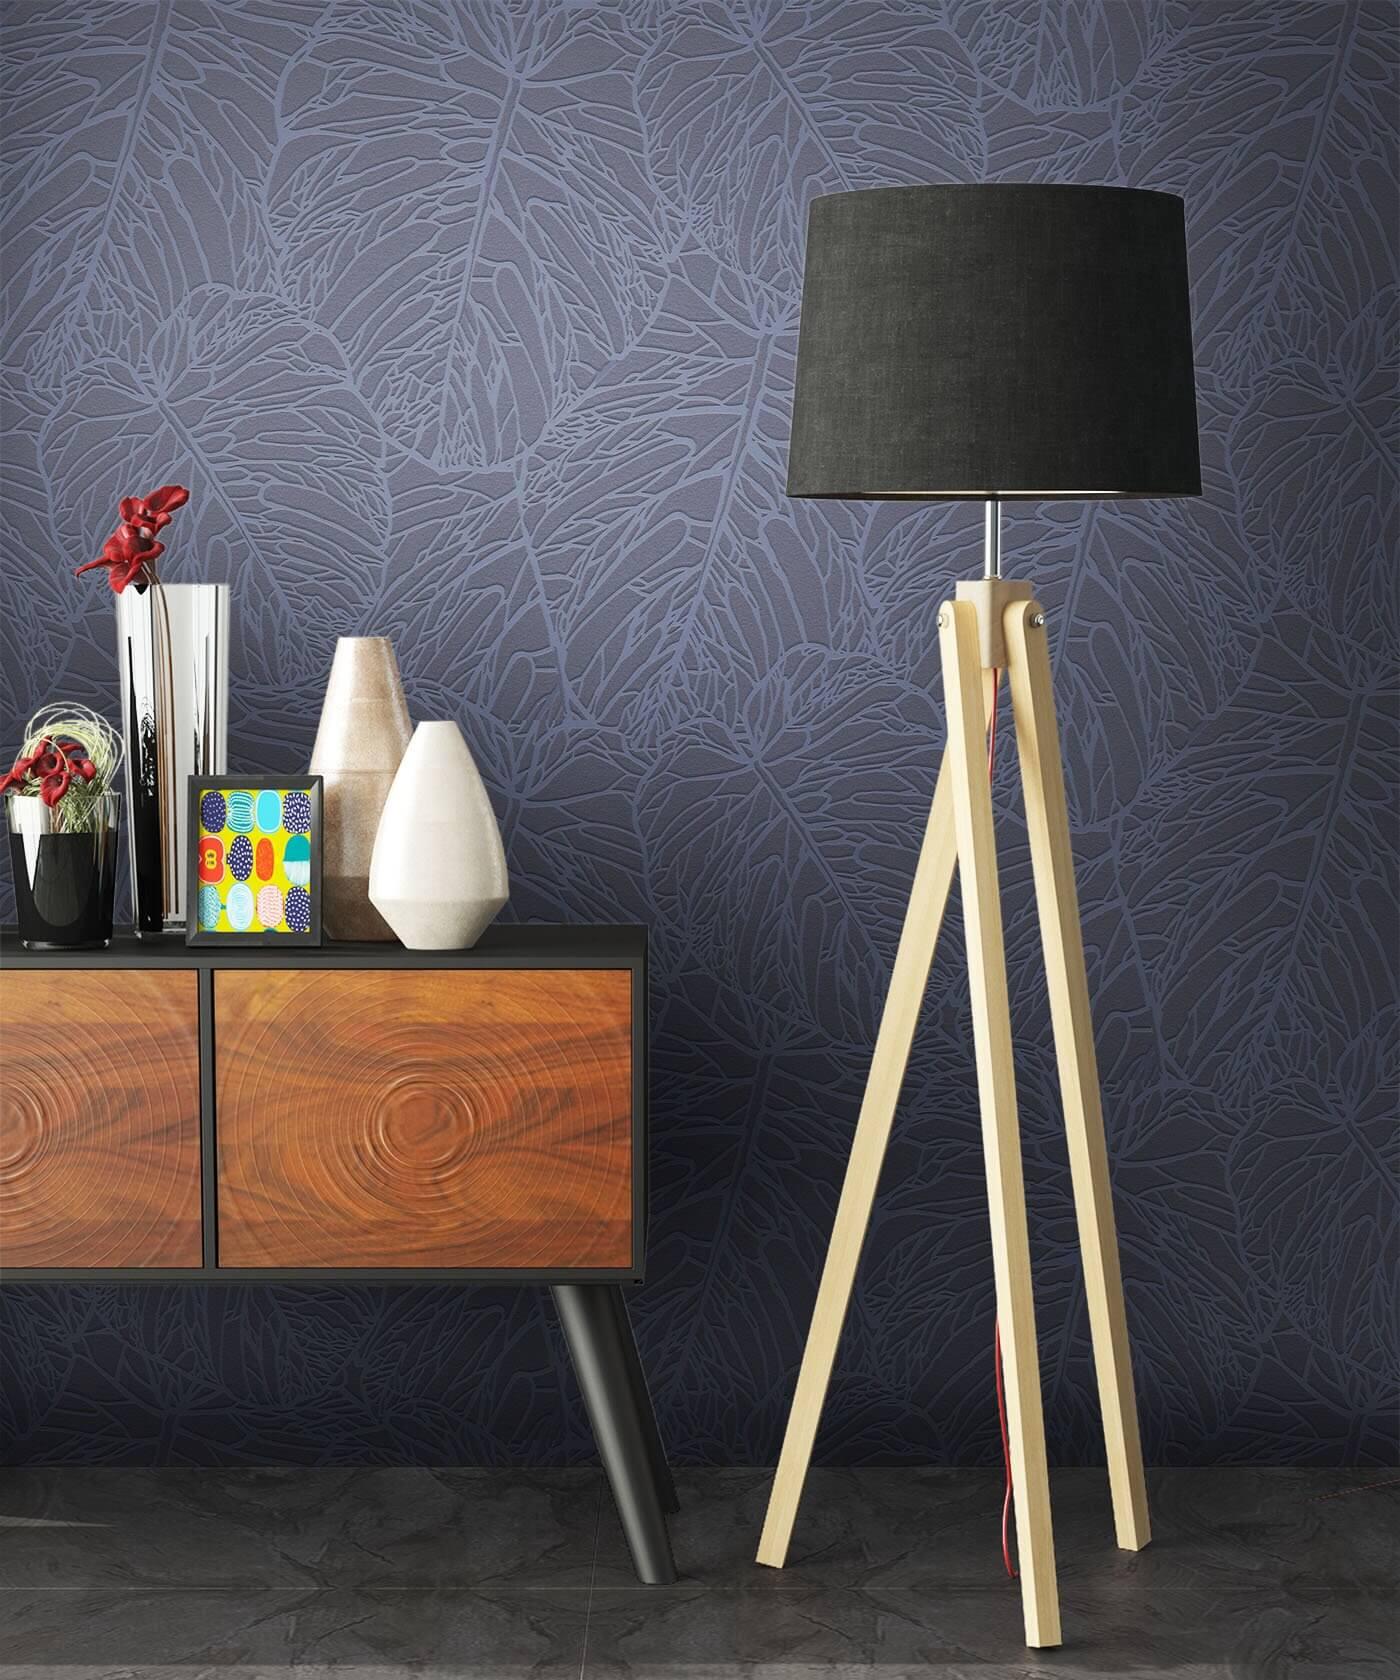 vliestapete grau floral wohnen schlafen diele. Black Bedroom Furniture Sets. Home Design Ideas